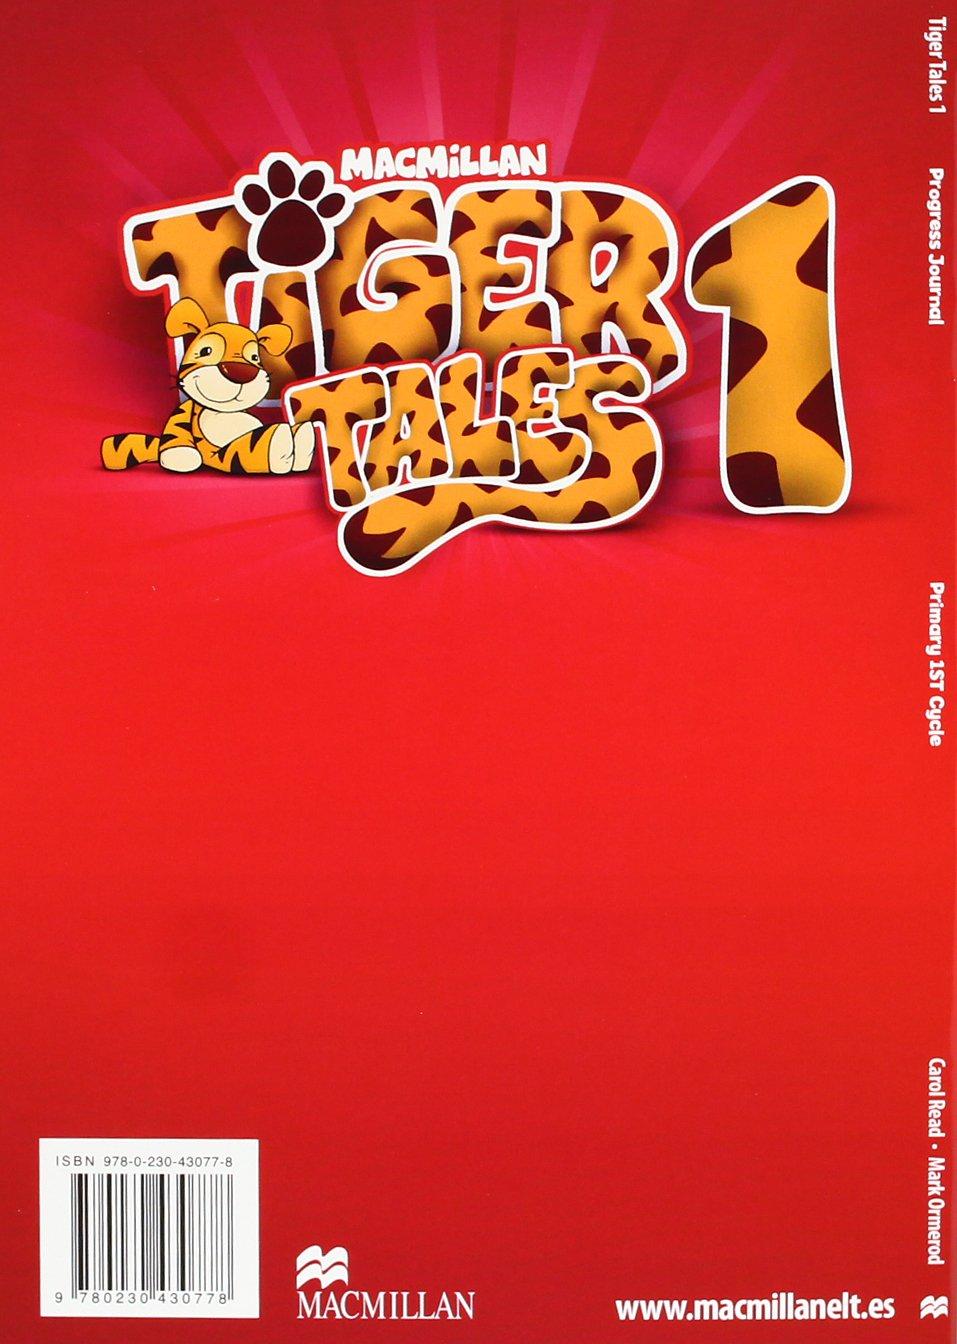 TIGER 1 Pb Pack - 9780230430778: Amazon.es: Read, C., Ormerod, M.: Libros en idiomas extranjeros